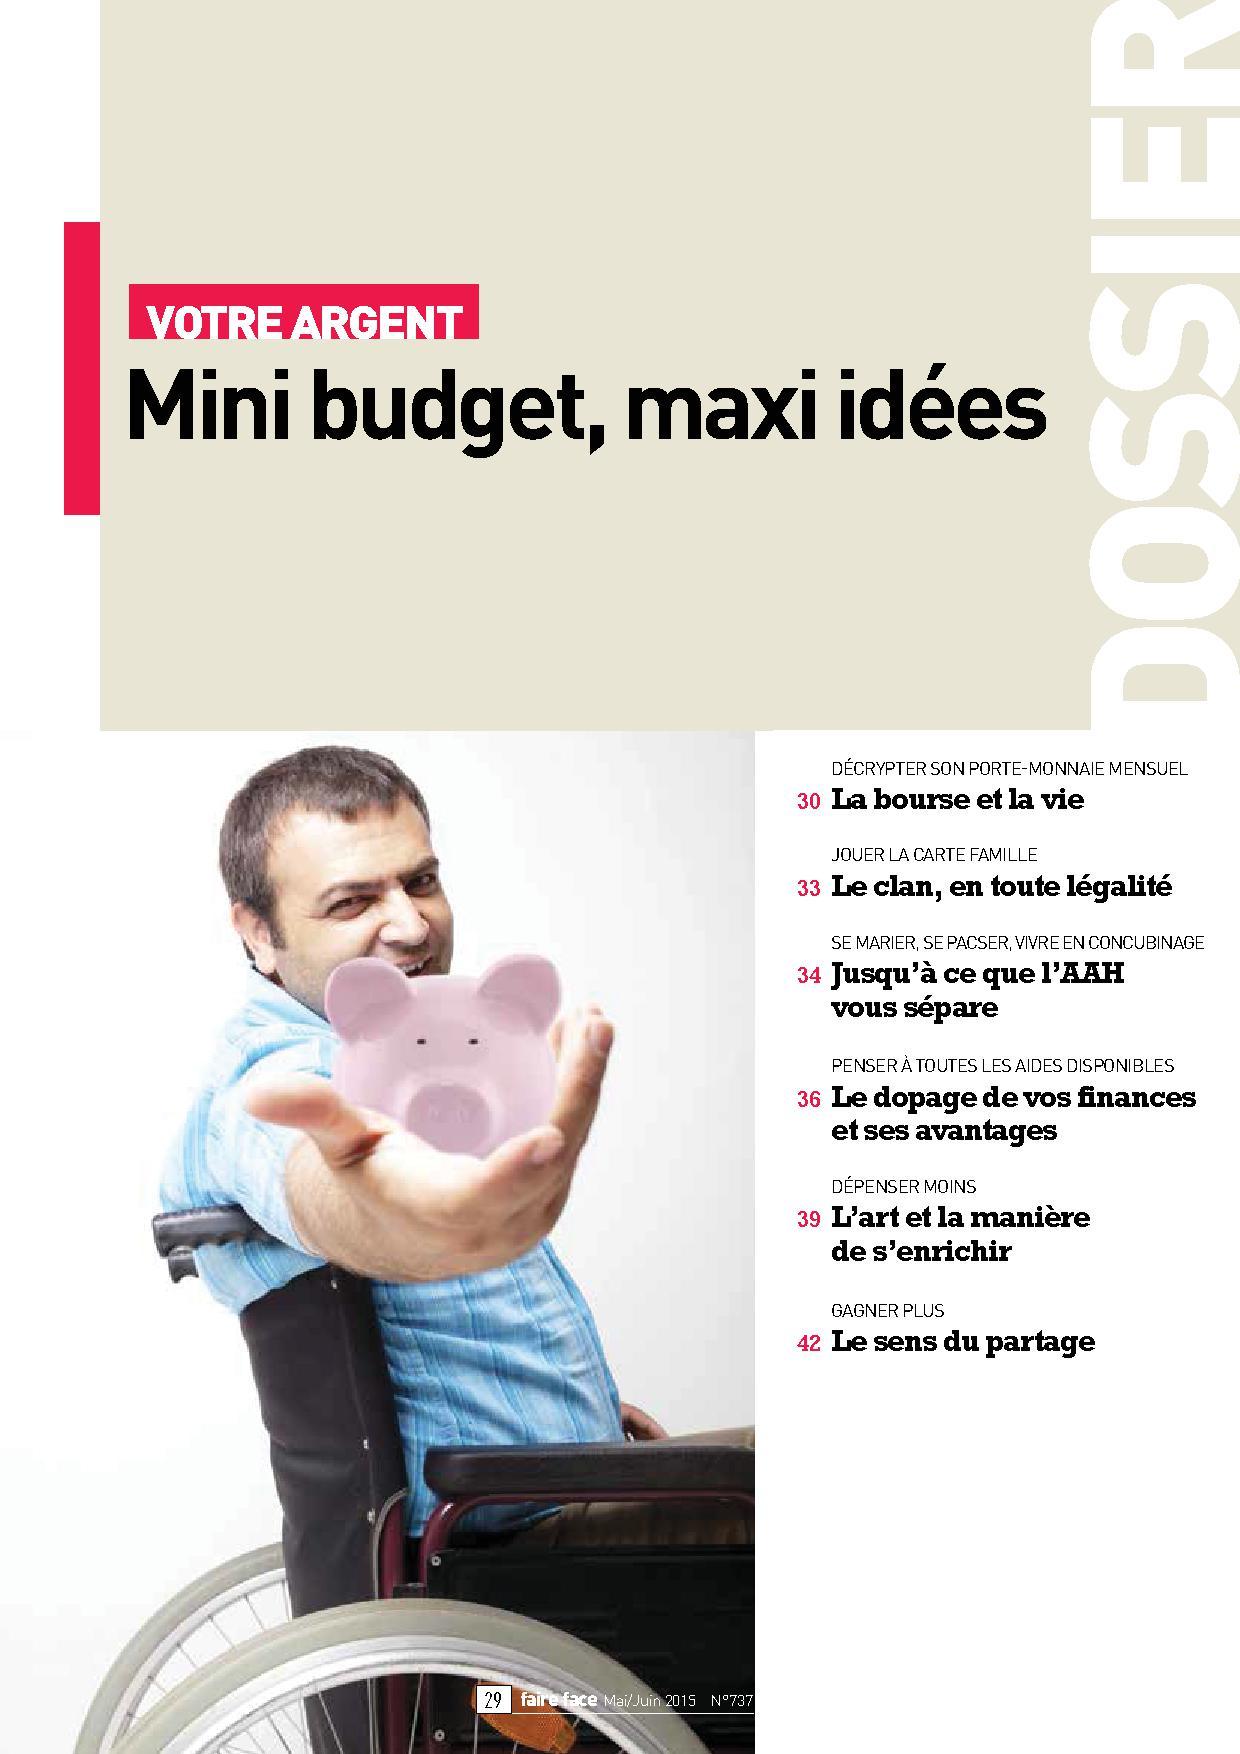 Couverture dossier Votre argent Mini budget, maxi idées Magazine Faire Face Mai Juin 2015 (N°737)